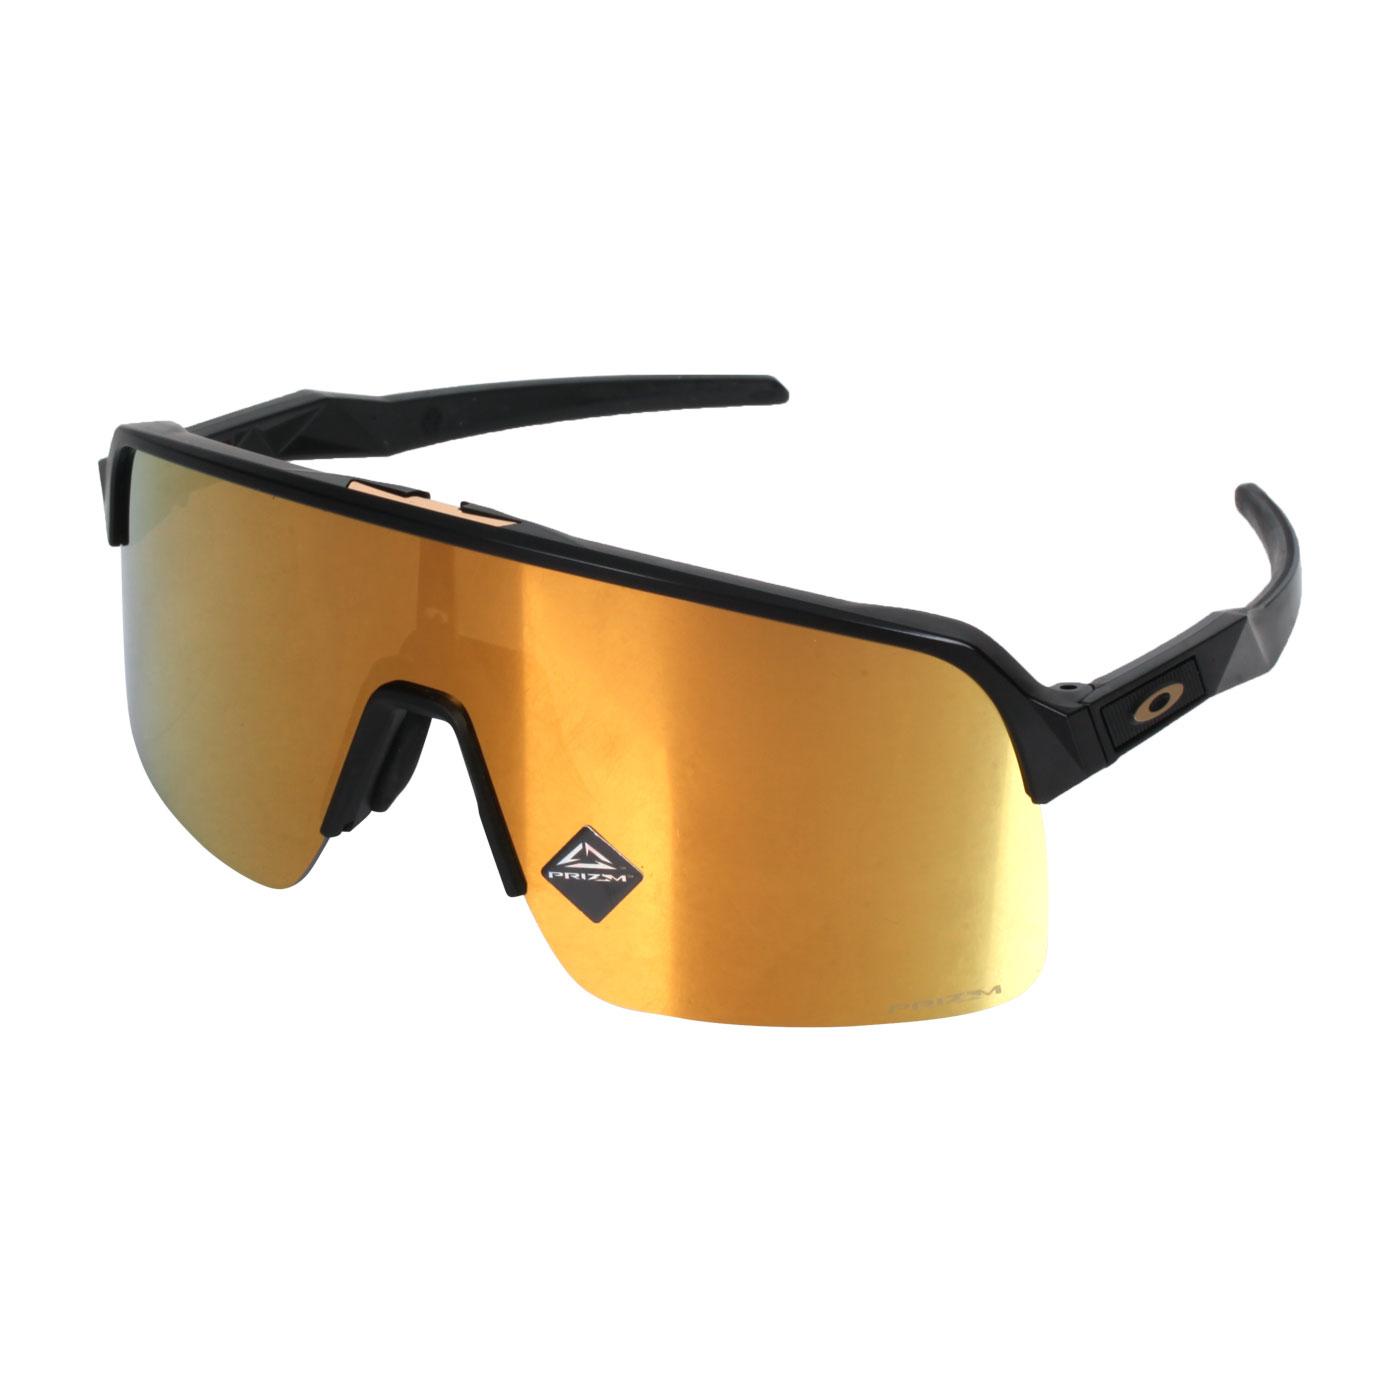 OAKLEY SUTRO LITE(A) 一般太陽眼鏡(附硬盒) OAK-OO9463A-0439